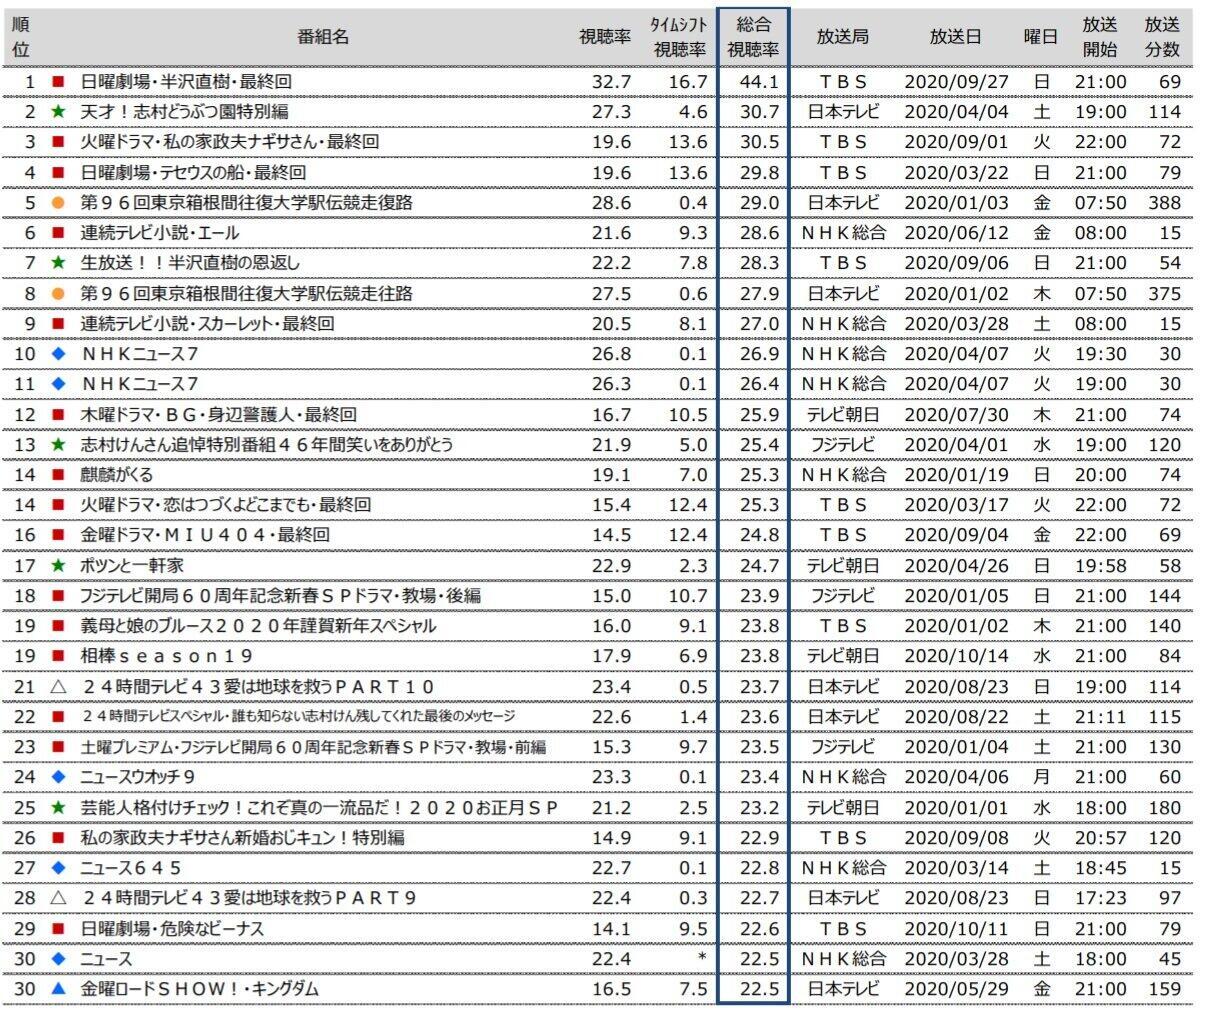 総合視聴率上位30位(ビデオリサーチ関東地区)